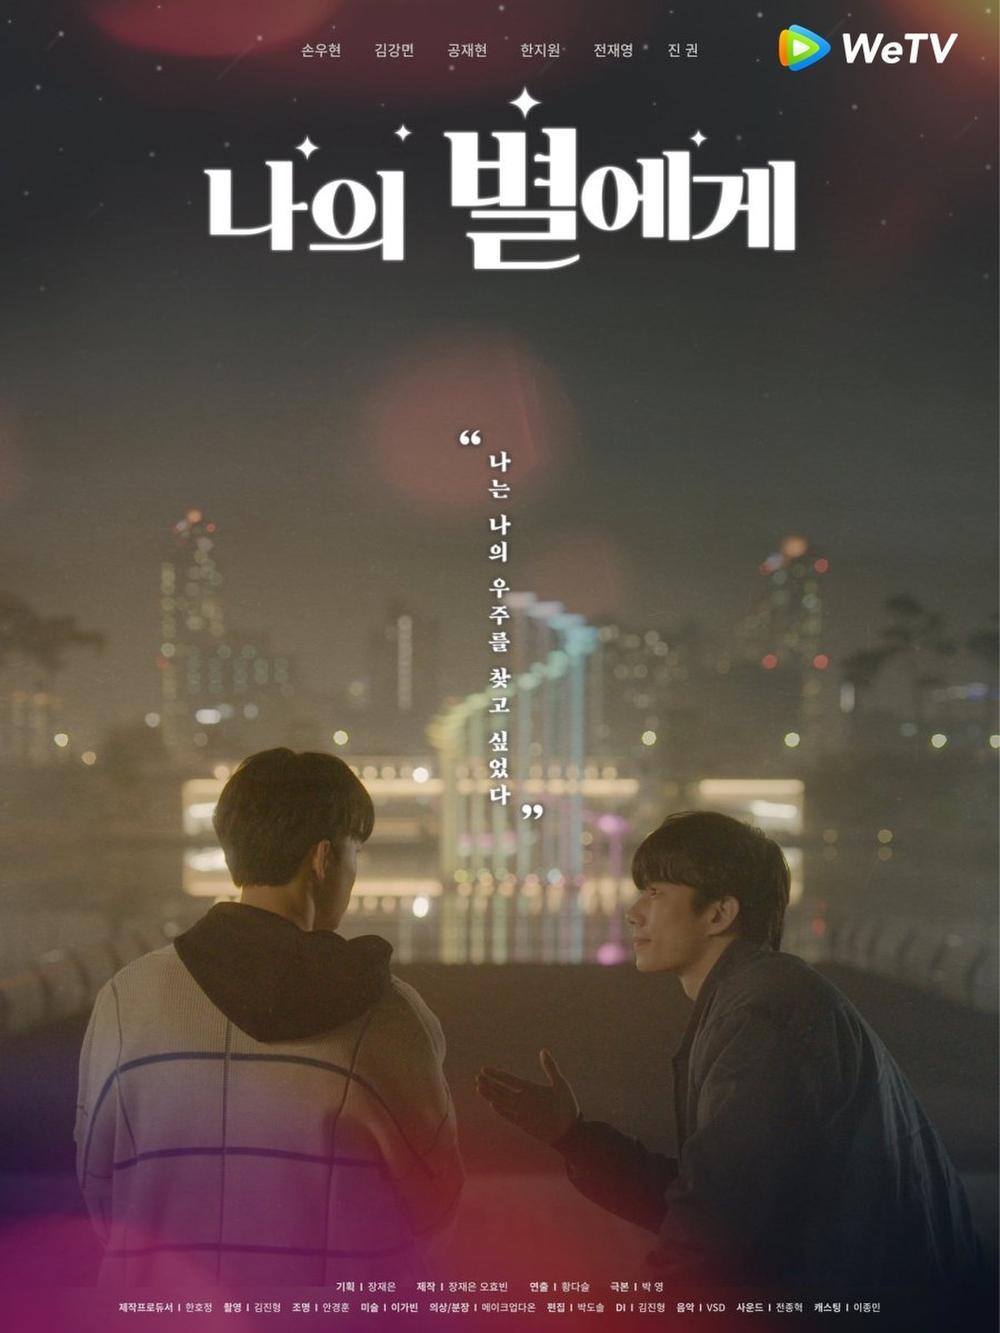 Ở nhà đón Tết không chán với loạt phim Boy Love đặc sắc trên WeTV Ảnh 5